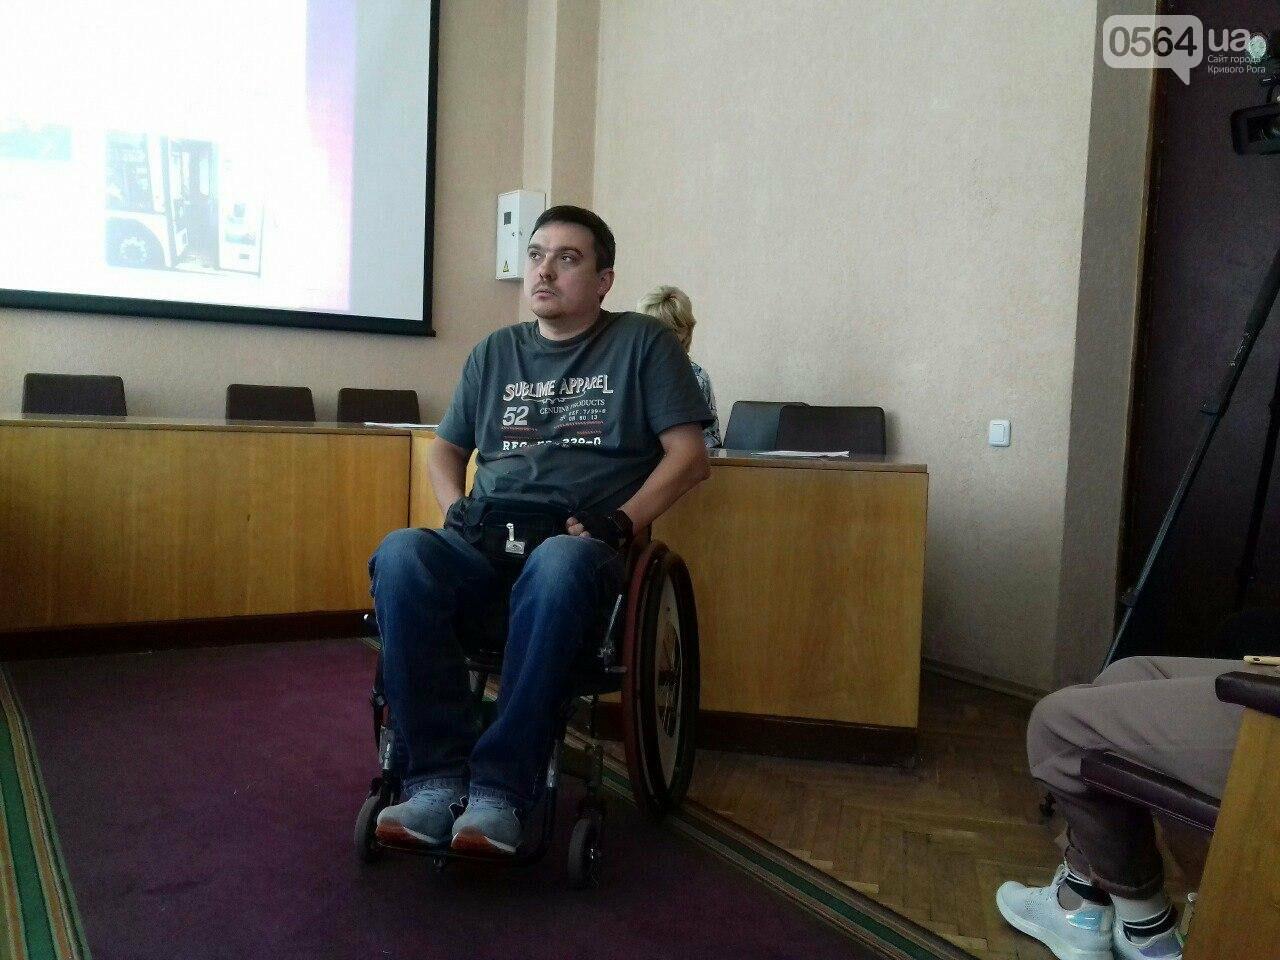 В Кривом Роге обсуждали, как объекты городской инфраструктуры сделать доступнее для людей с инвалидностью, - ФОТО, ВИДЕО, фото-10